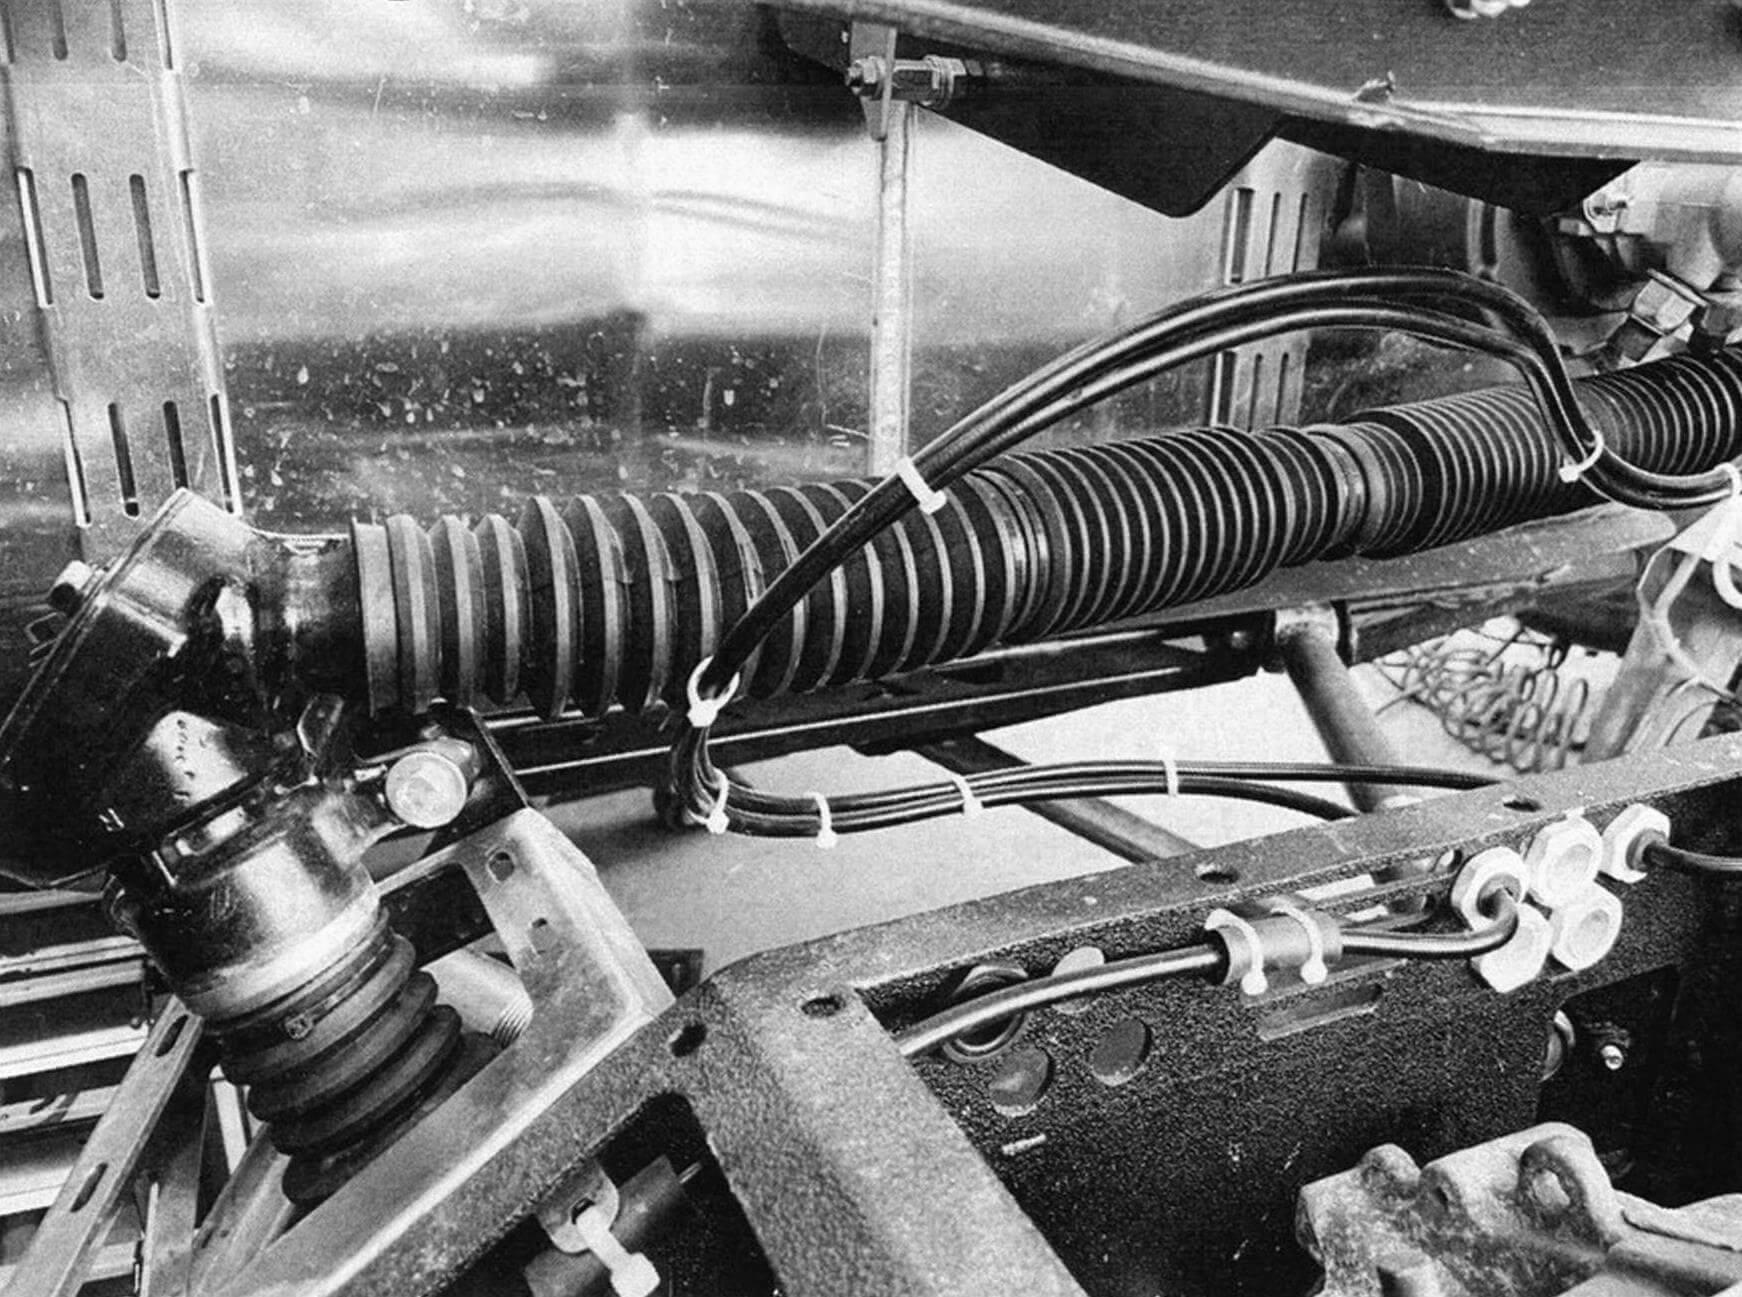 Система рулевого управления сделана по оригинальной схеме с использованием угловых редукторов и телескопического промежуточного вала с крестовинами